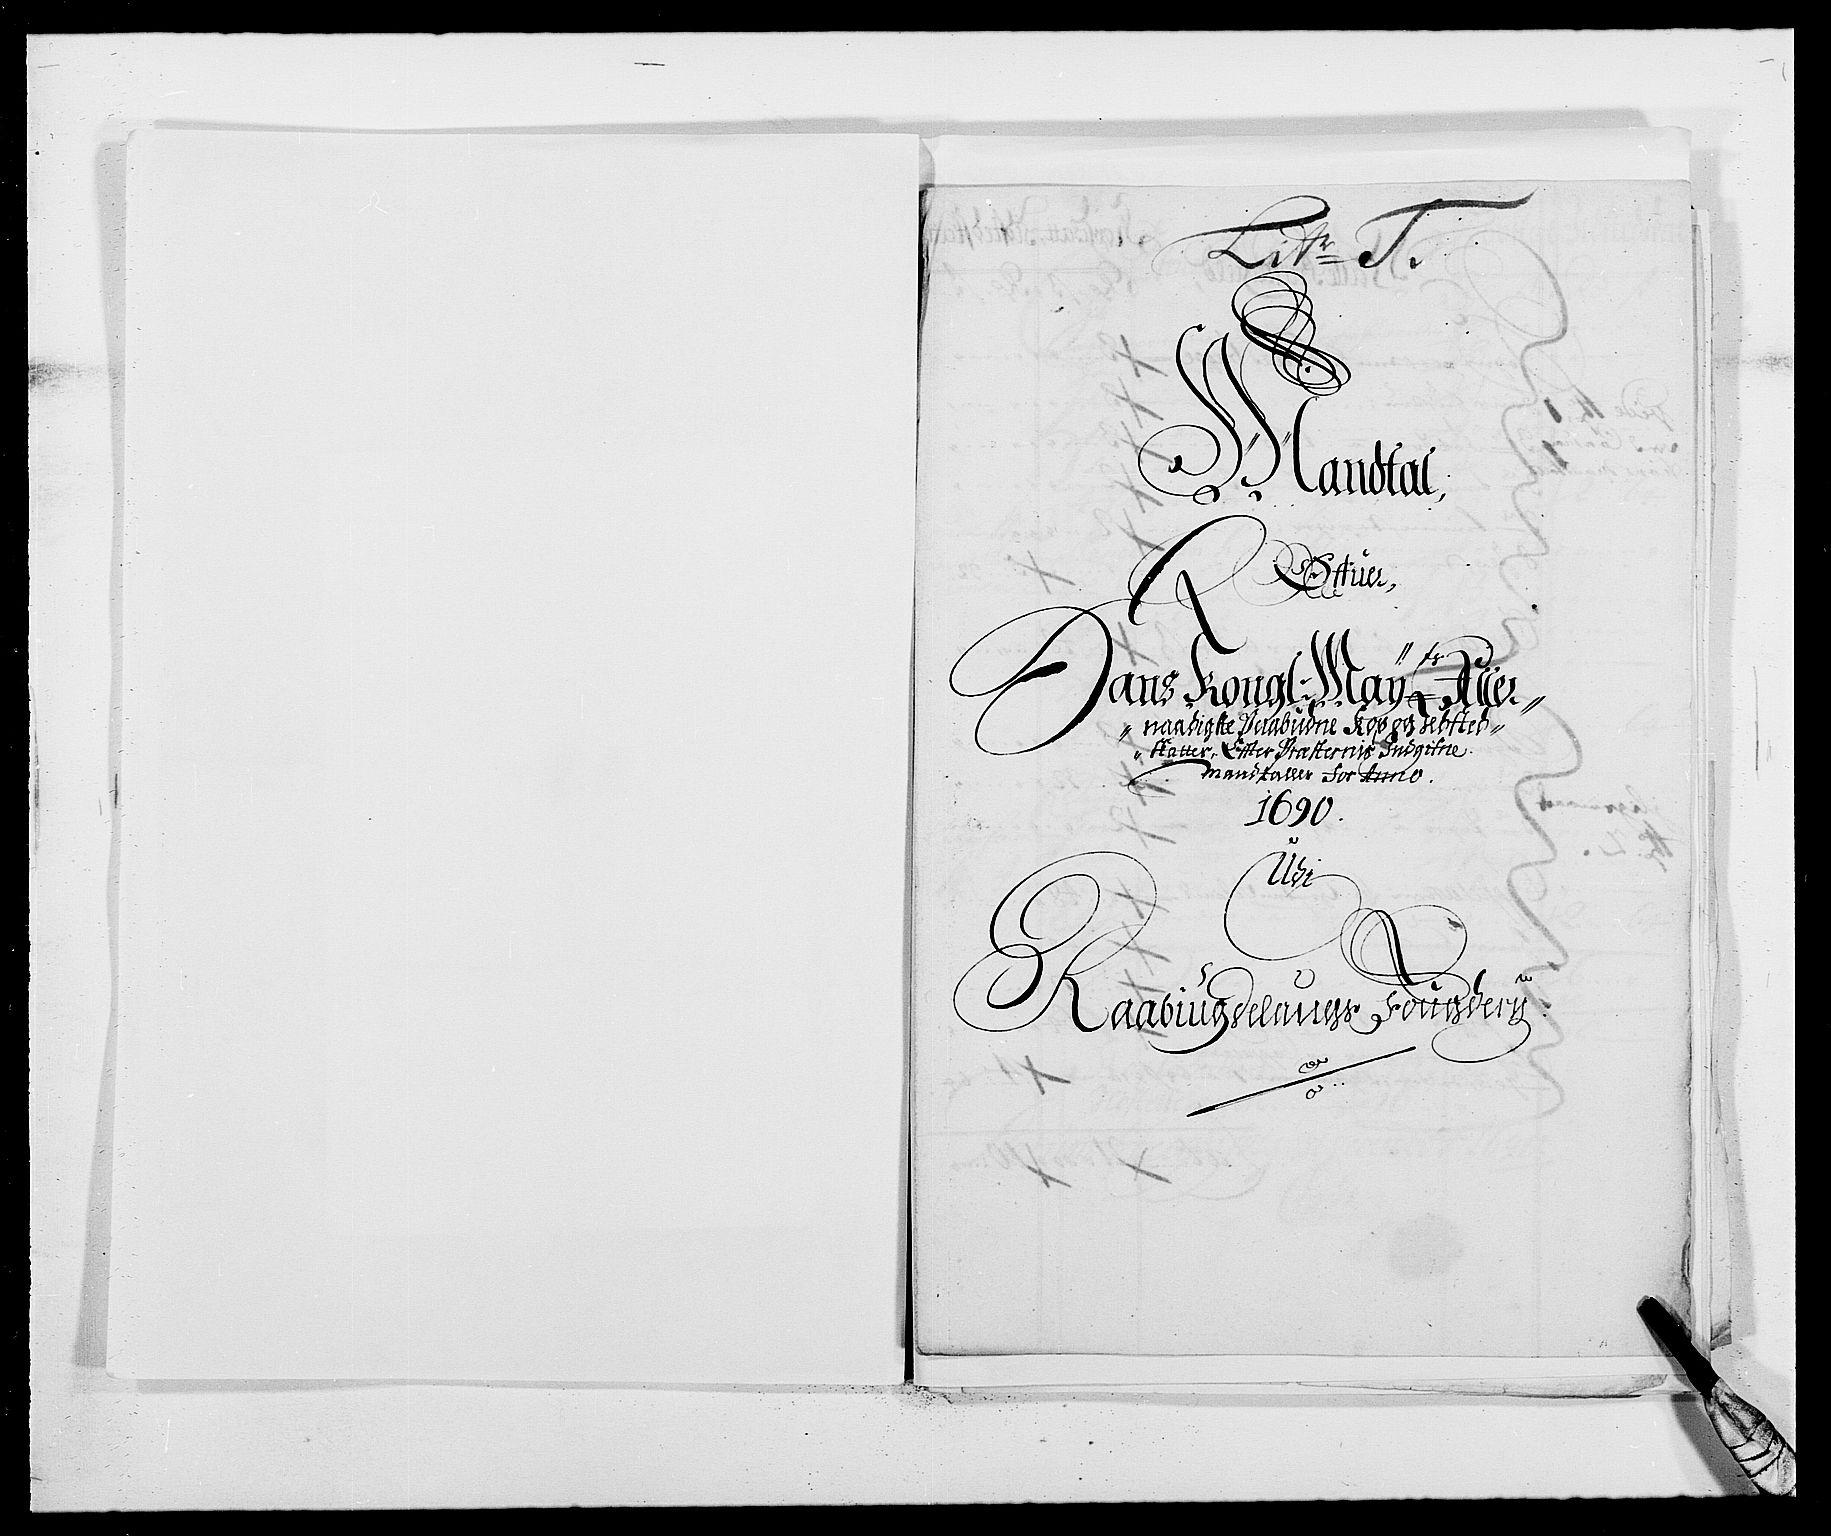 RA, Rentekammeret inntil 1814, Reviderte regnskaper, Fogderegnskap, R40/L2442: Fogderegnskap Råbyggelag, 1689-1690, s. 189